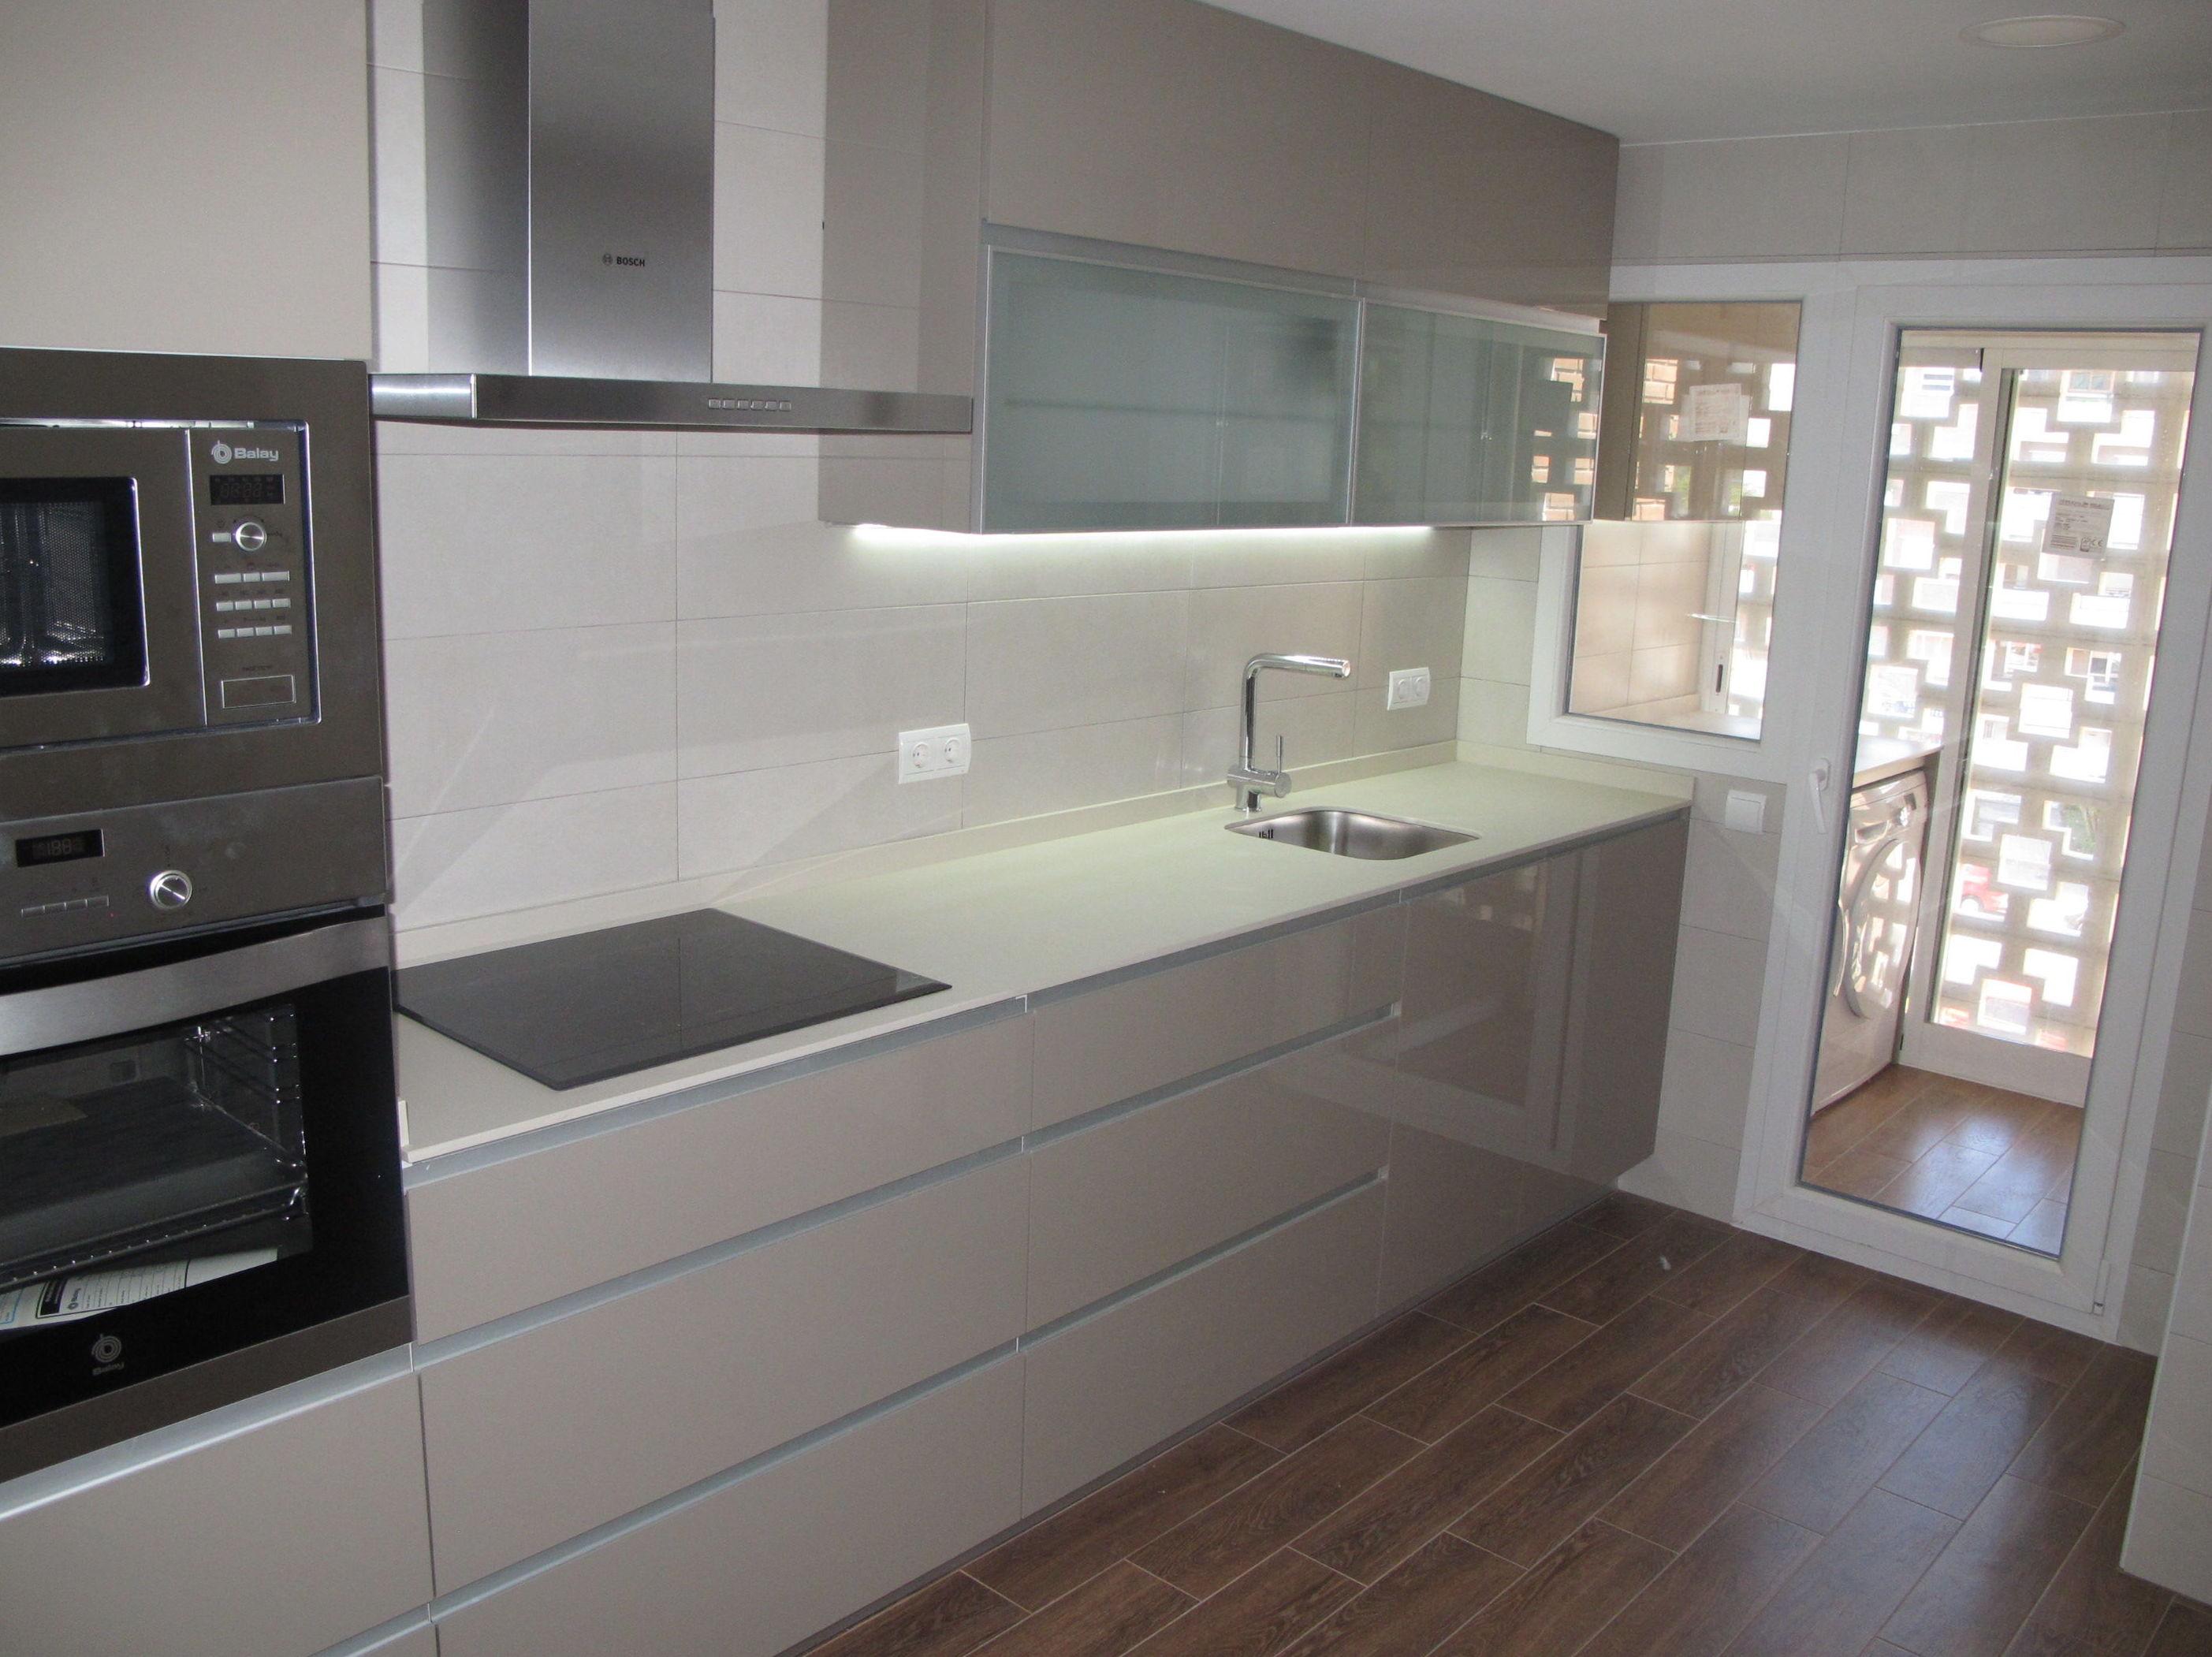 1a dise os cocinas mc grupo de luxe proyecto realizado - Diseno muebles cocina ...